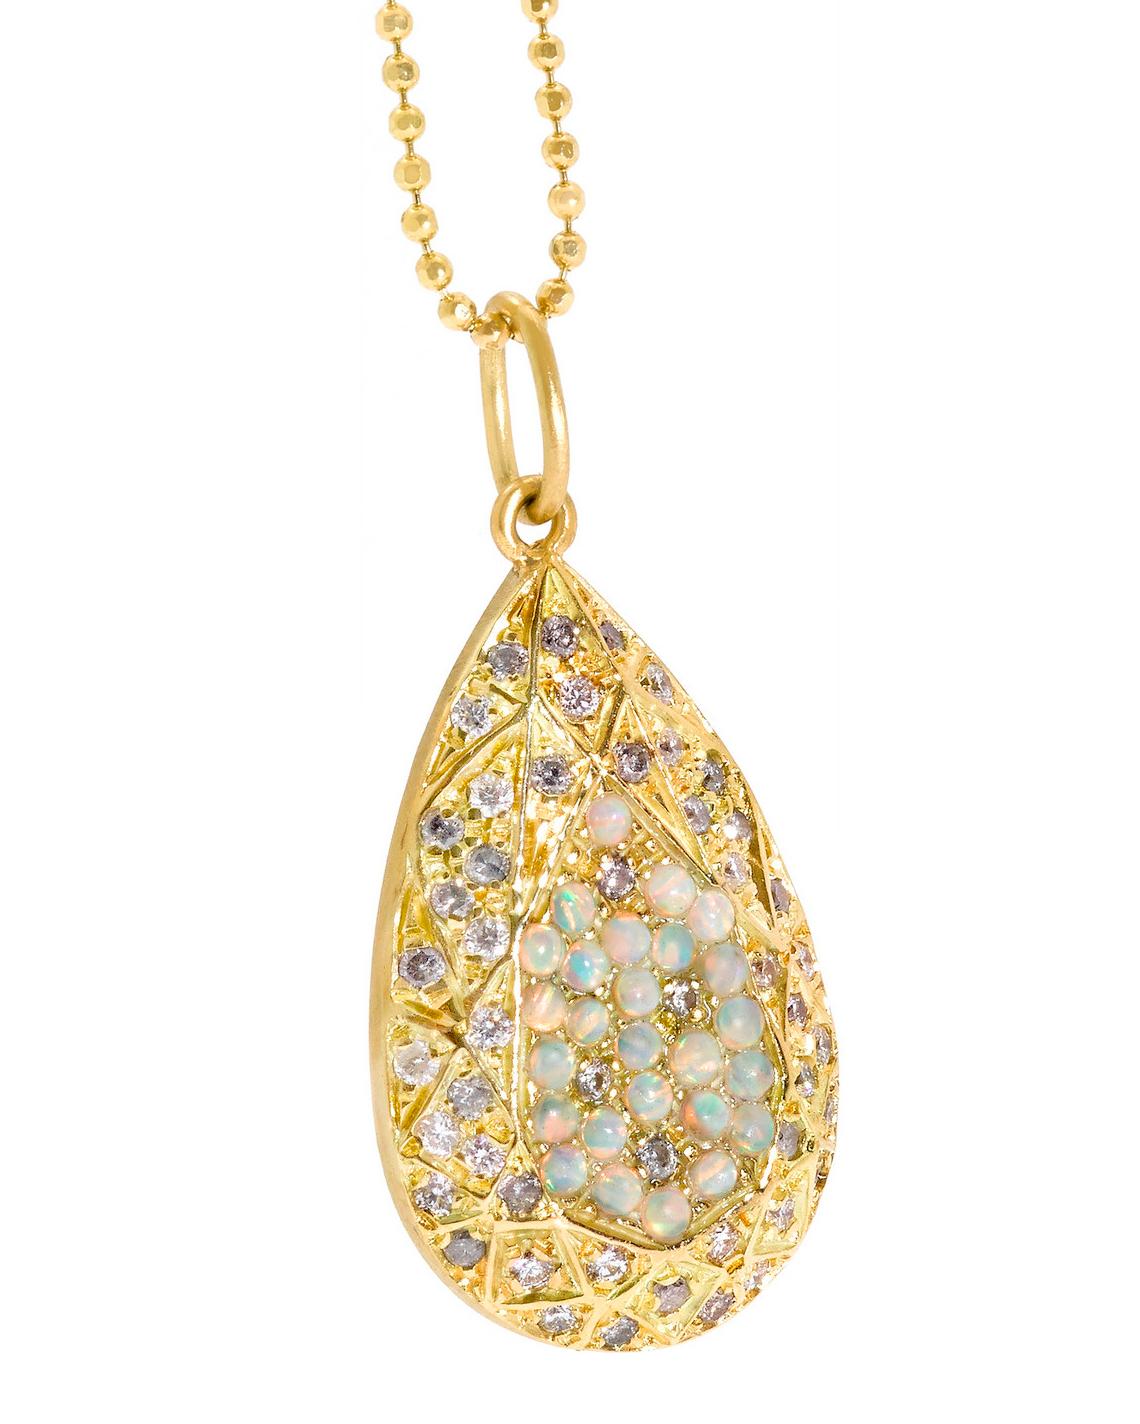 opal-necklace-carolina-bucci-netaporter-0115.jpg